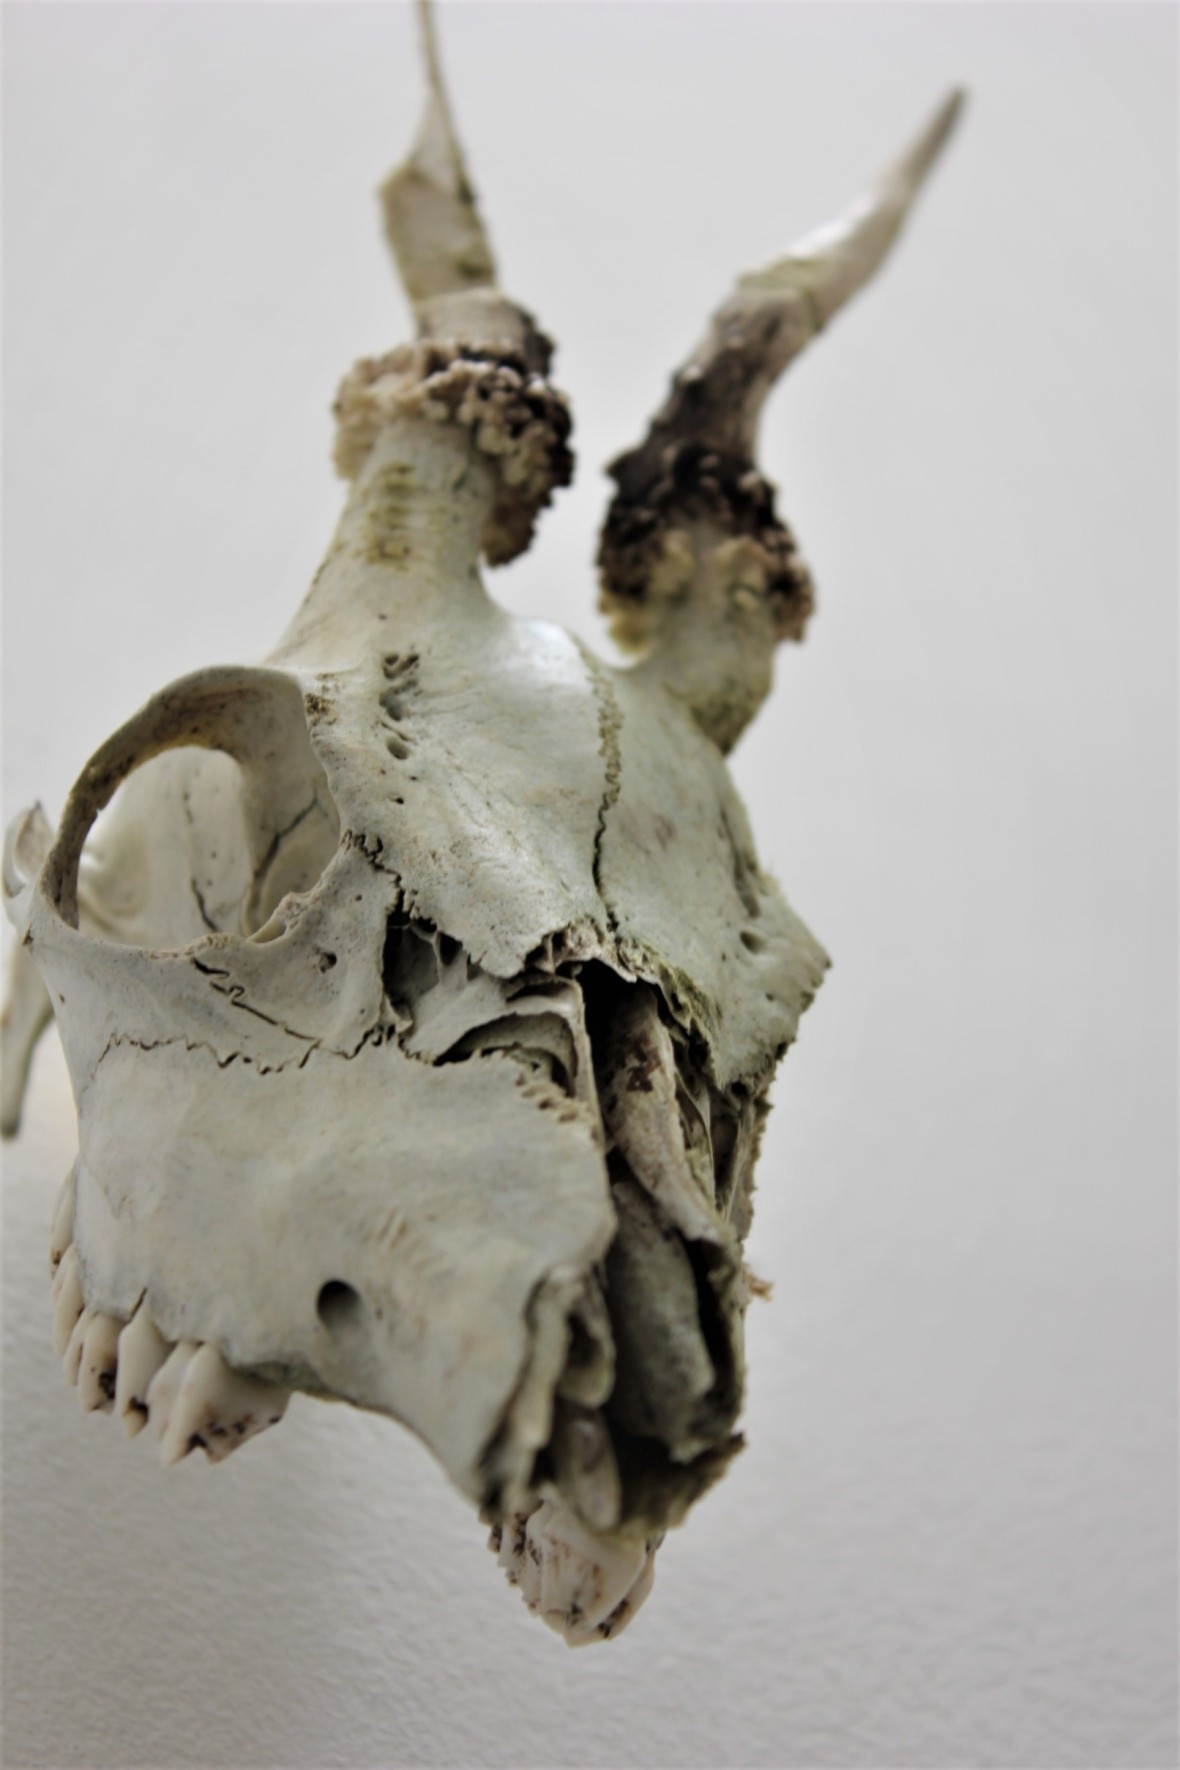 skull of a dear